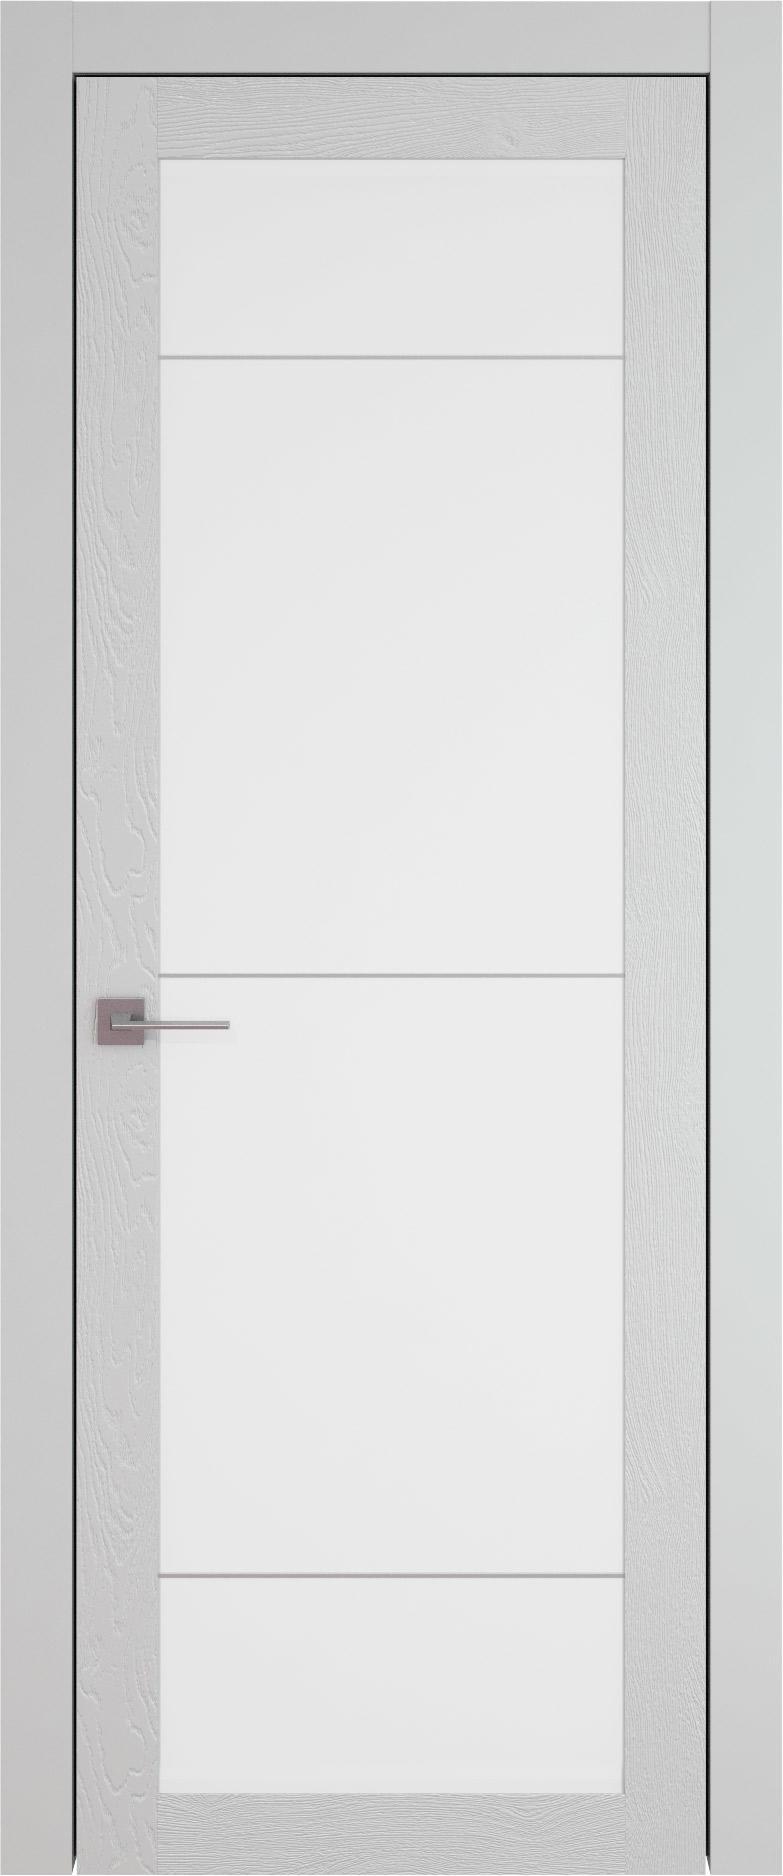 Tivoli З-3 цвет - Серая эмаль по шпону (RAL 7047) Со стеклом (ДО)